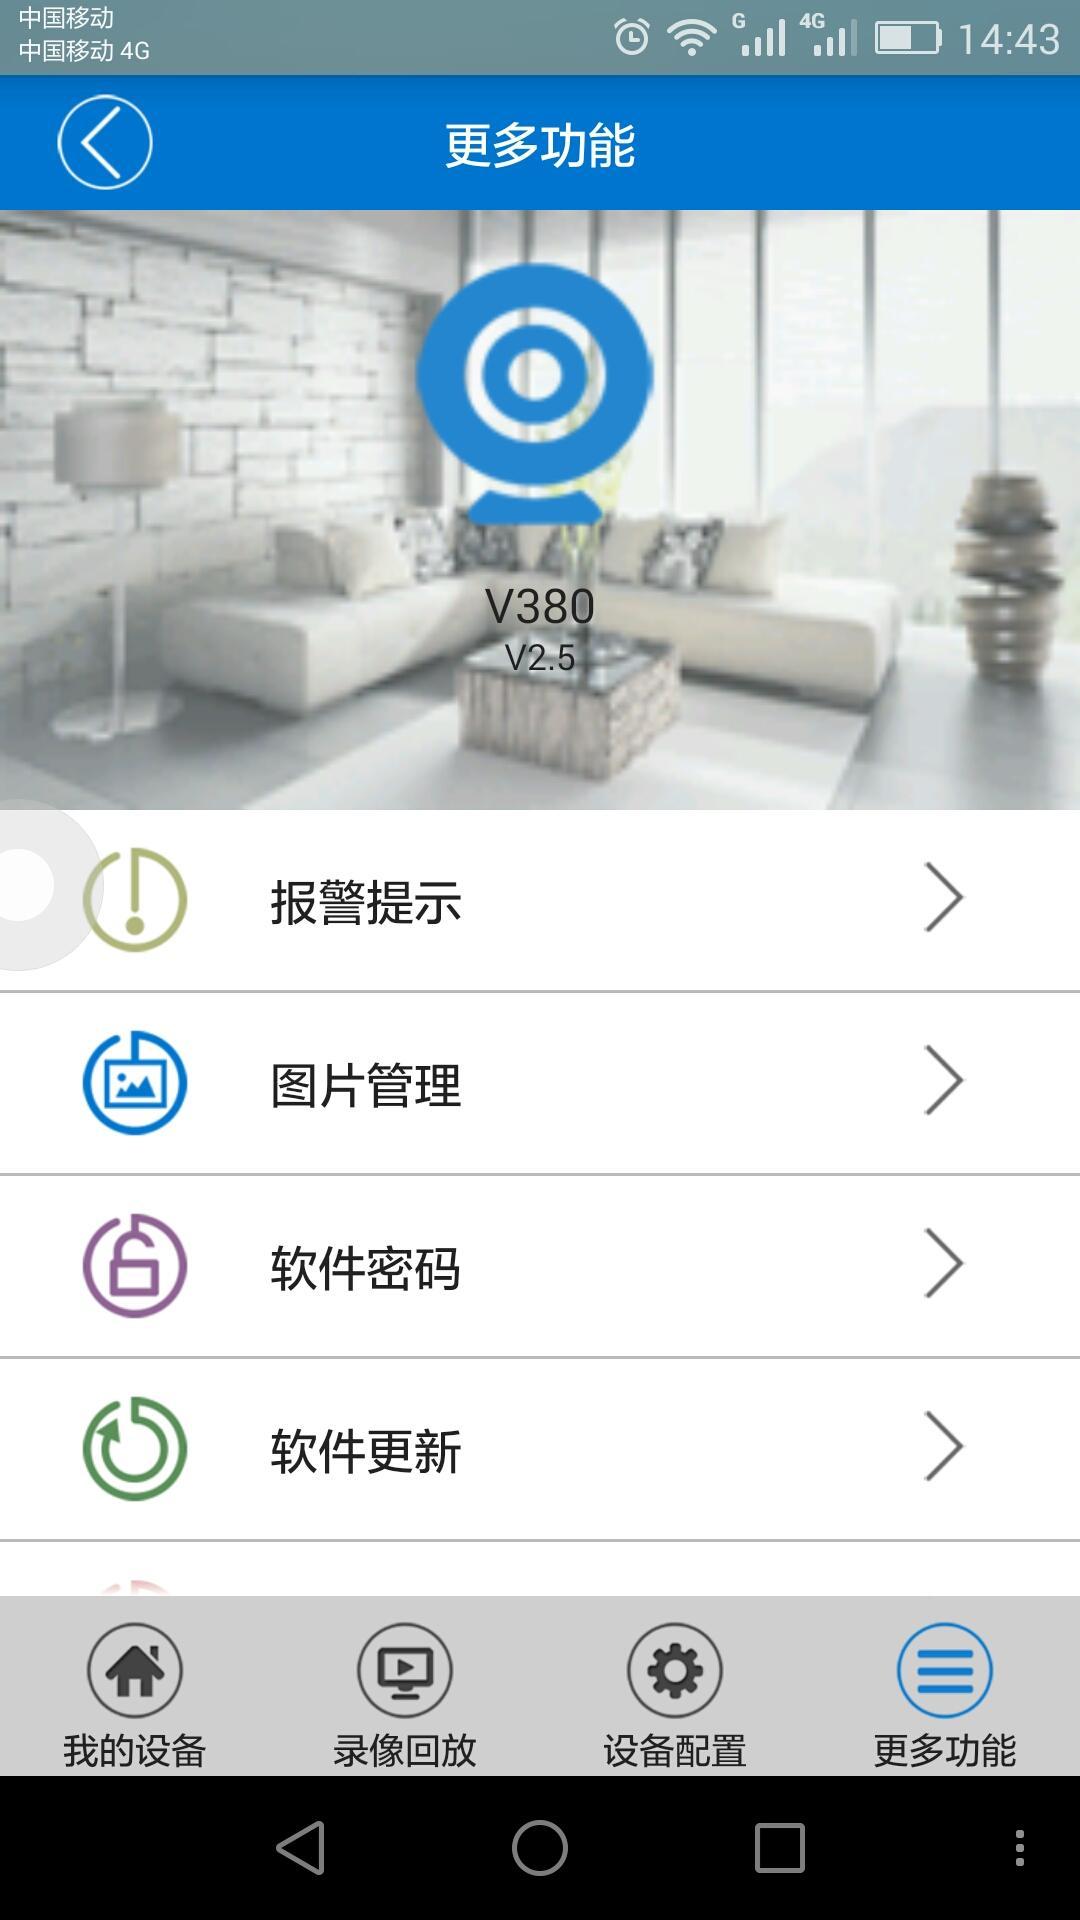 v380监控软件 V2.8 安卓版截图5